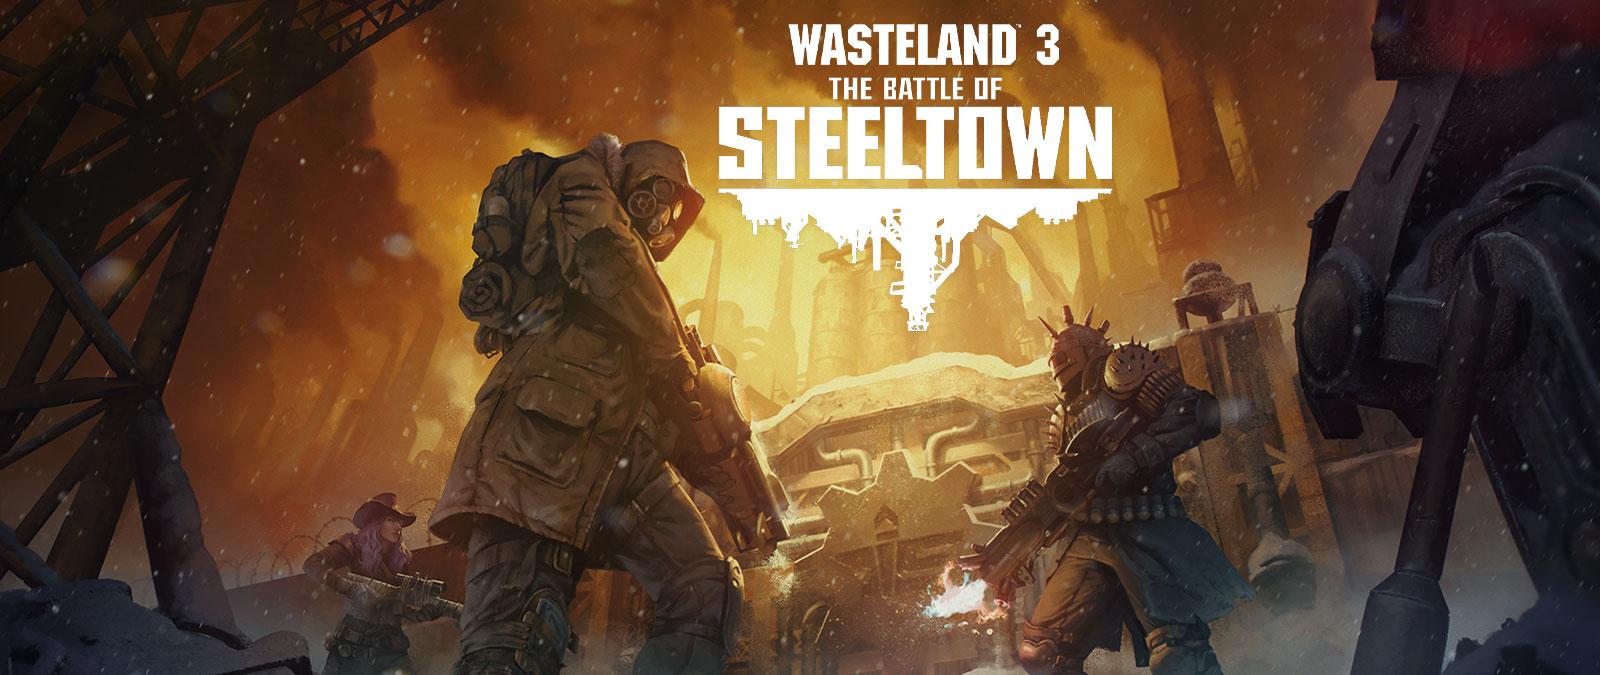 Wasteland 3: The Battle of Steeltown. Kolme haarniskoitua ja aseistautunutta hahmoa oven edessä, taustalla teollisuusalue